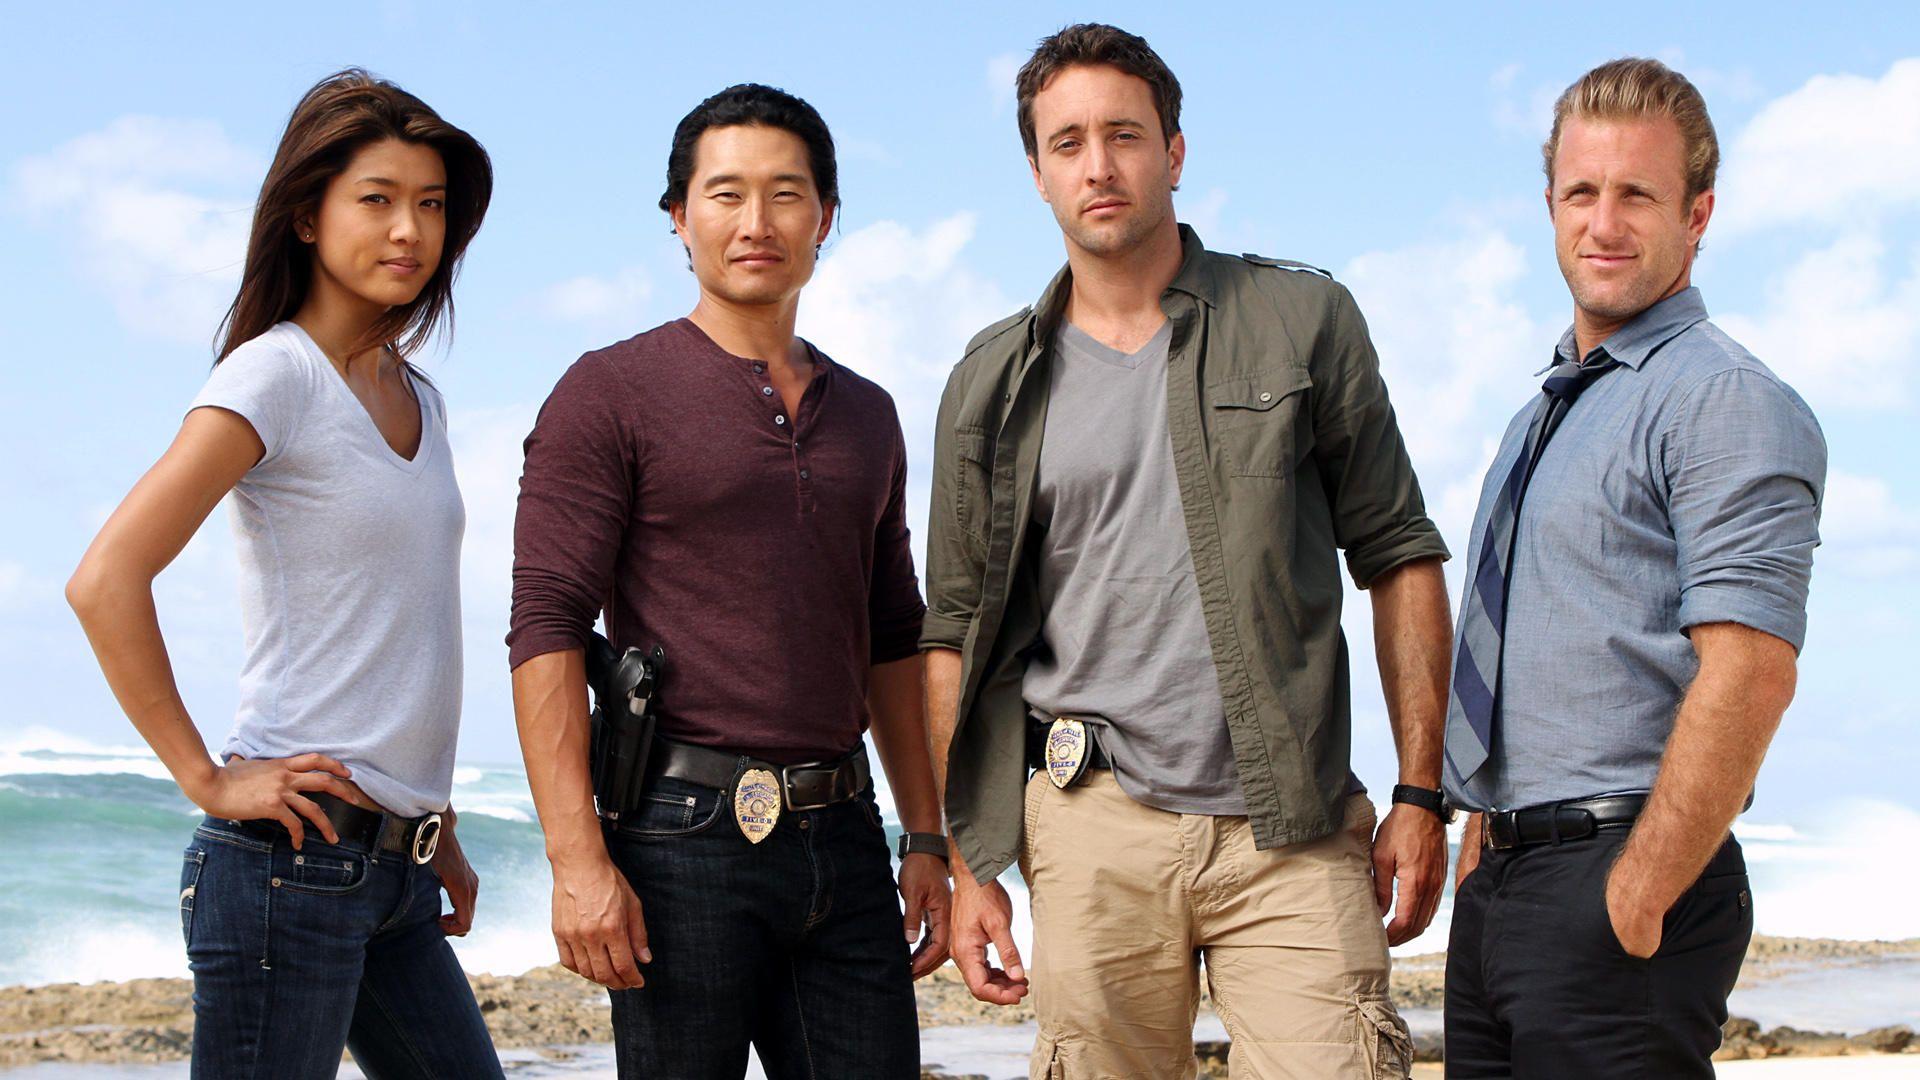 Hawaii Five O The Best Team In 2019 Hawaii Five O Tv Seasons